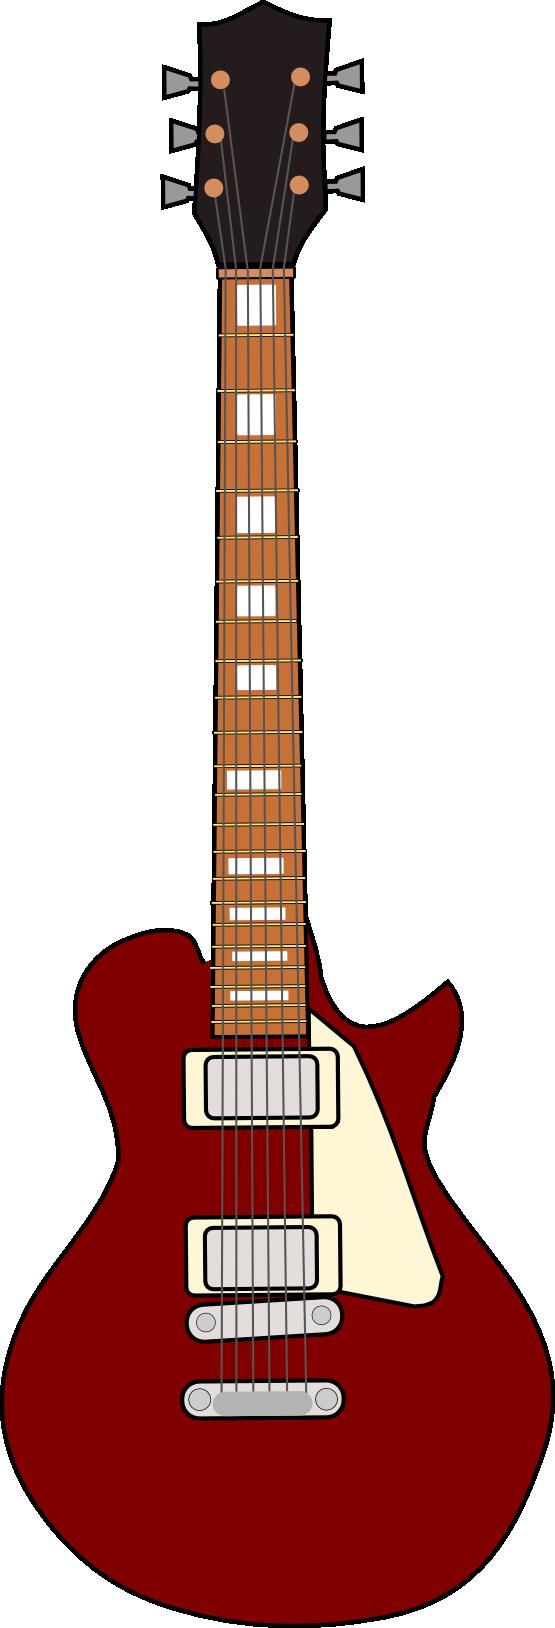 Clipart guitar guitar spain. Clip art image panda